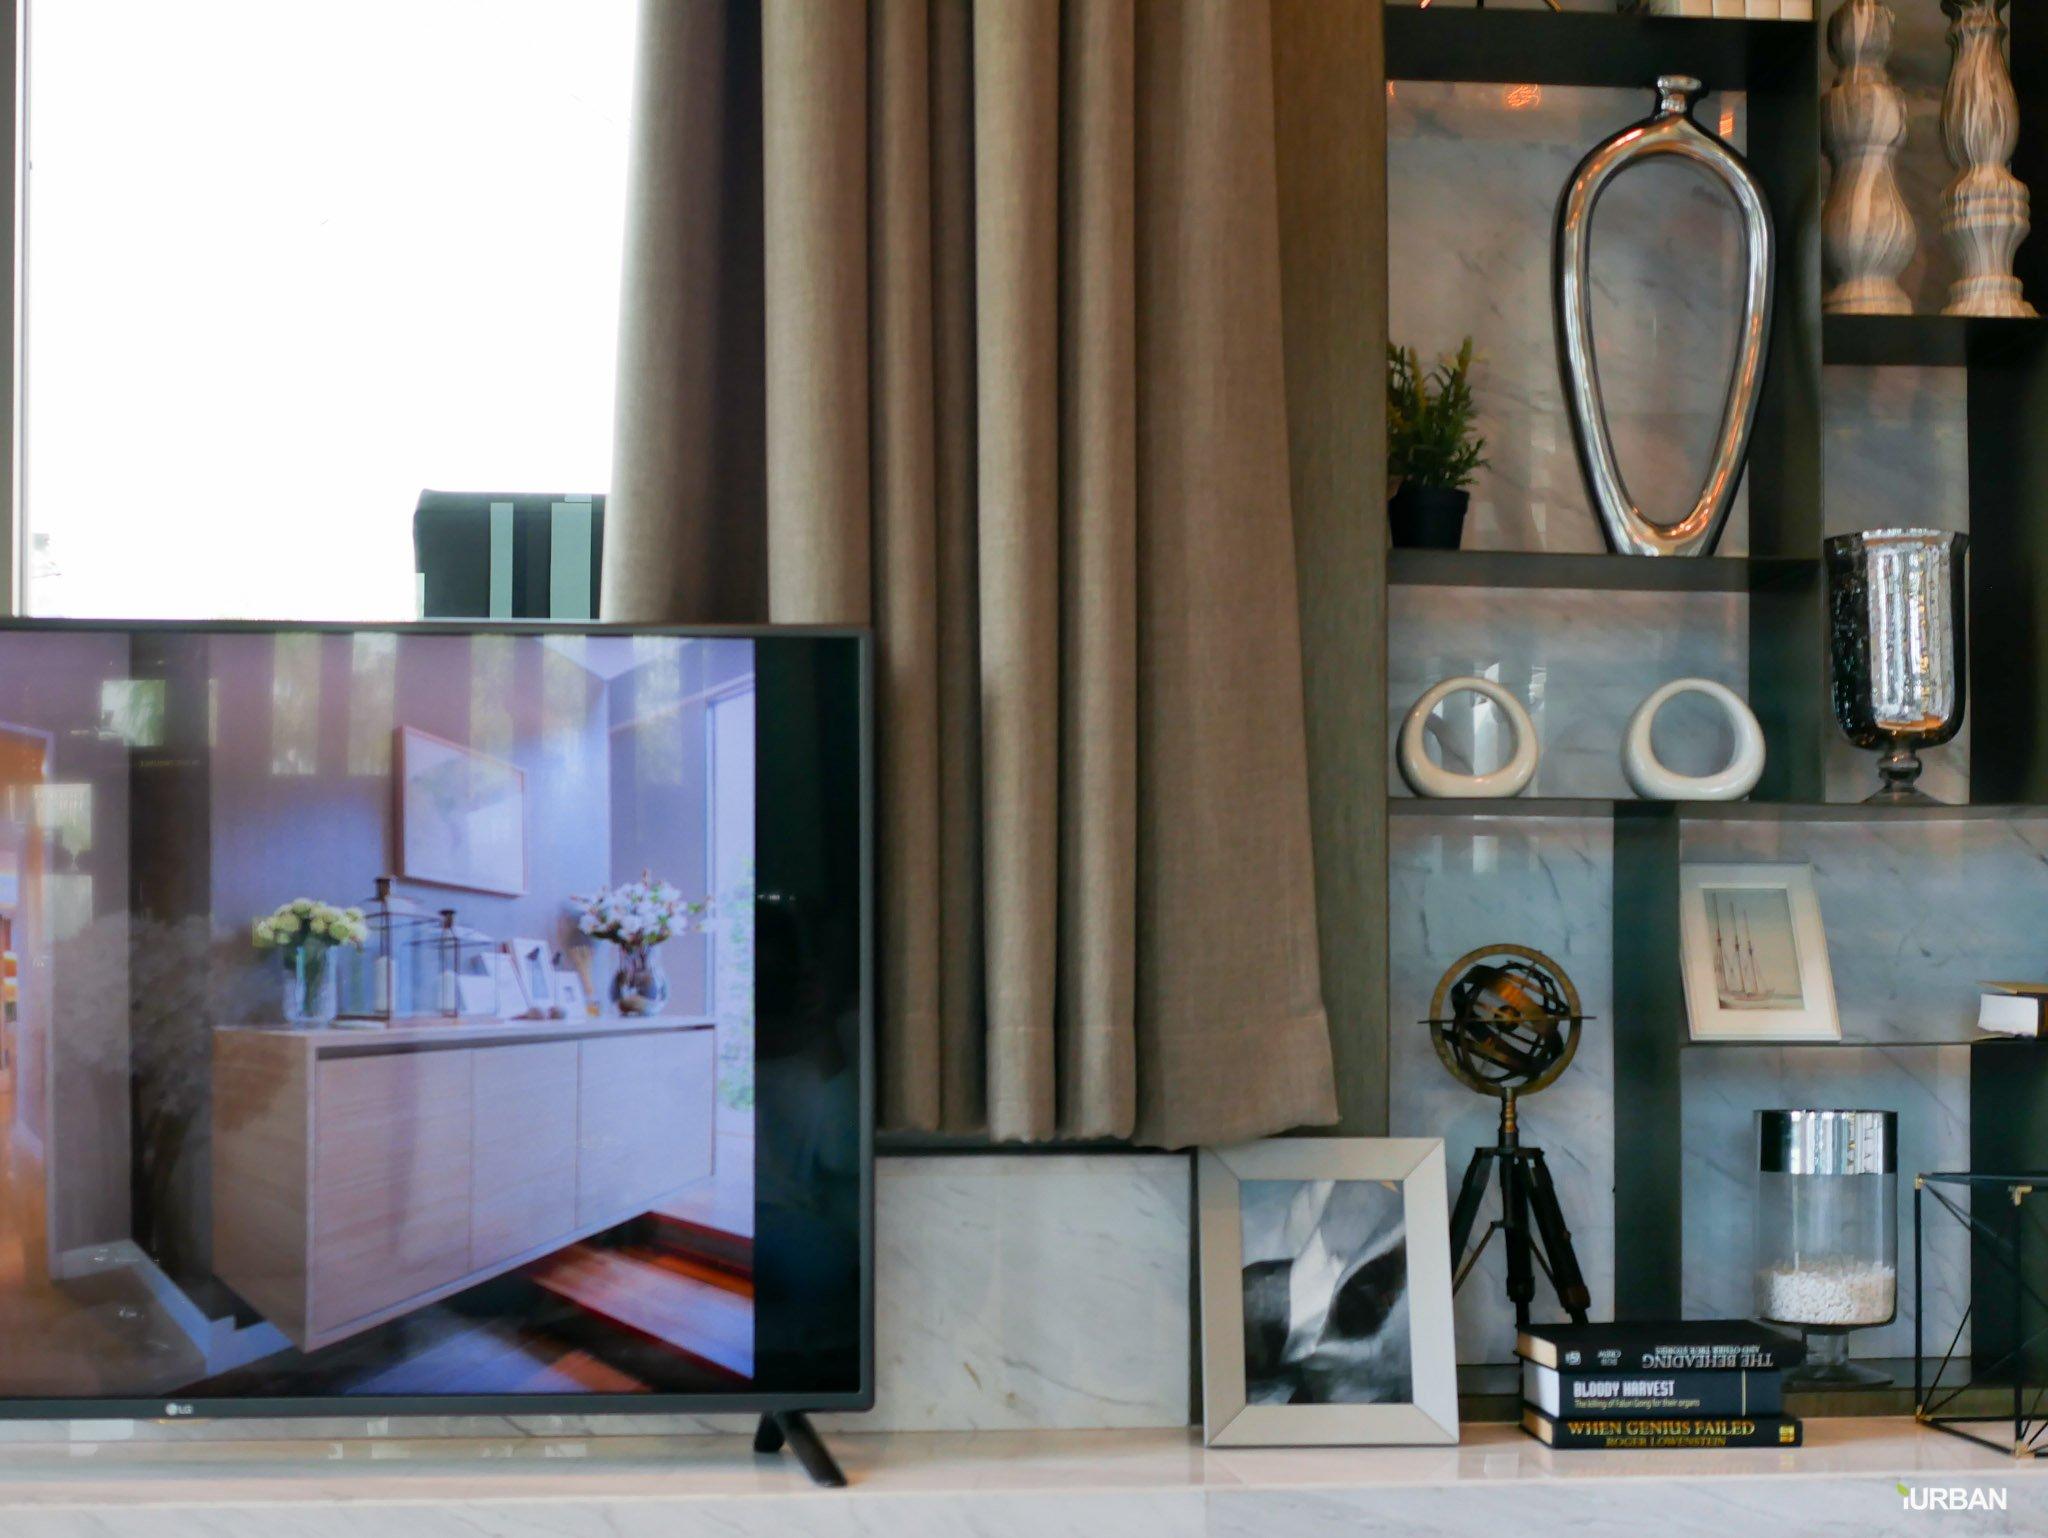 รีวิว Nirvana Beyond พระราม 2 บ้านที่ออกแบบทุกดีเทลเพื่อความสุขทุก GEN ของครอบครัวใหญ่ 94 - Beyond